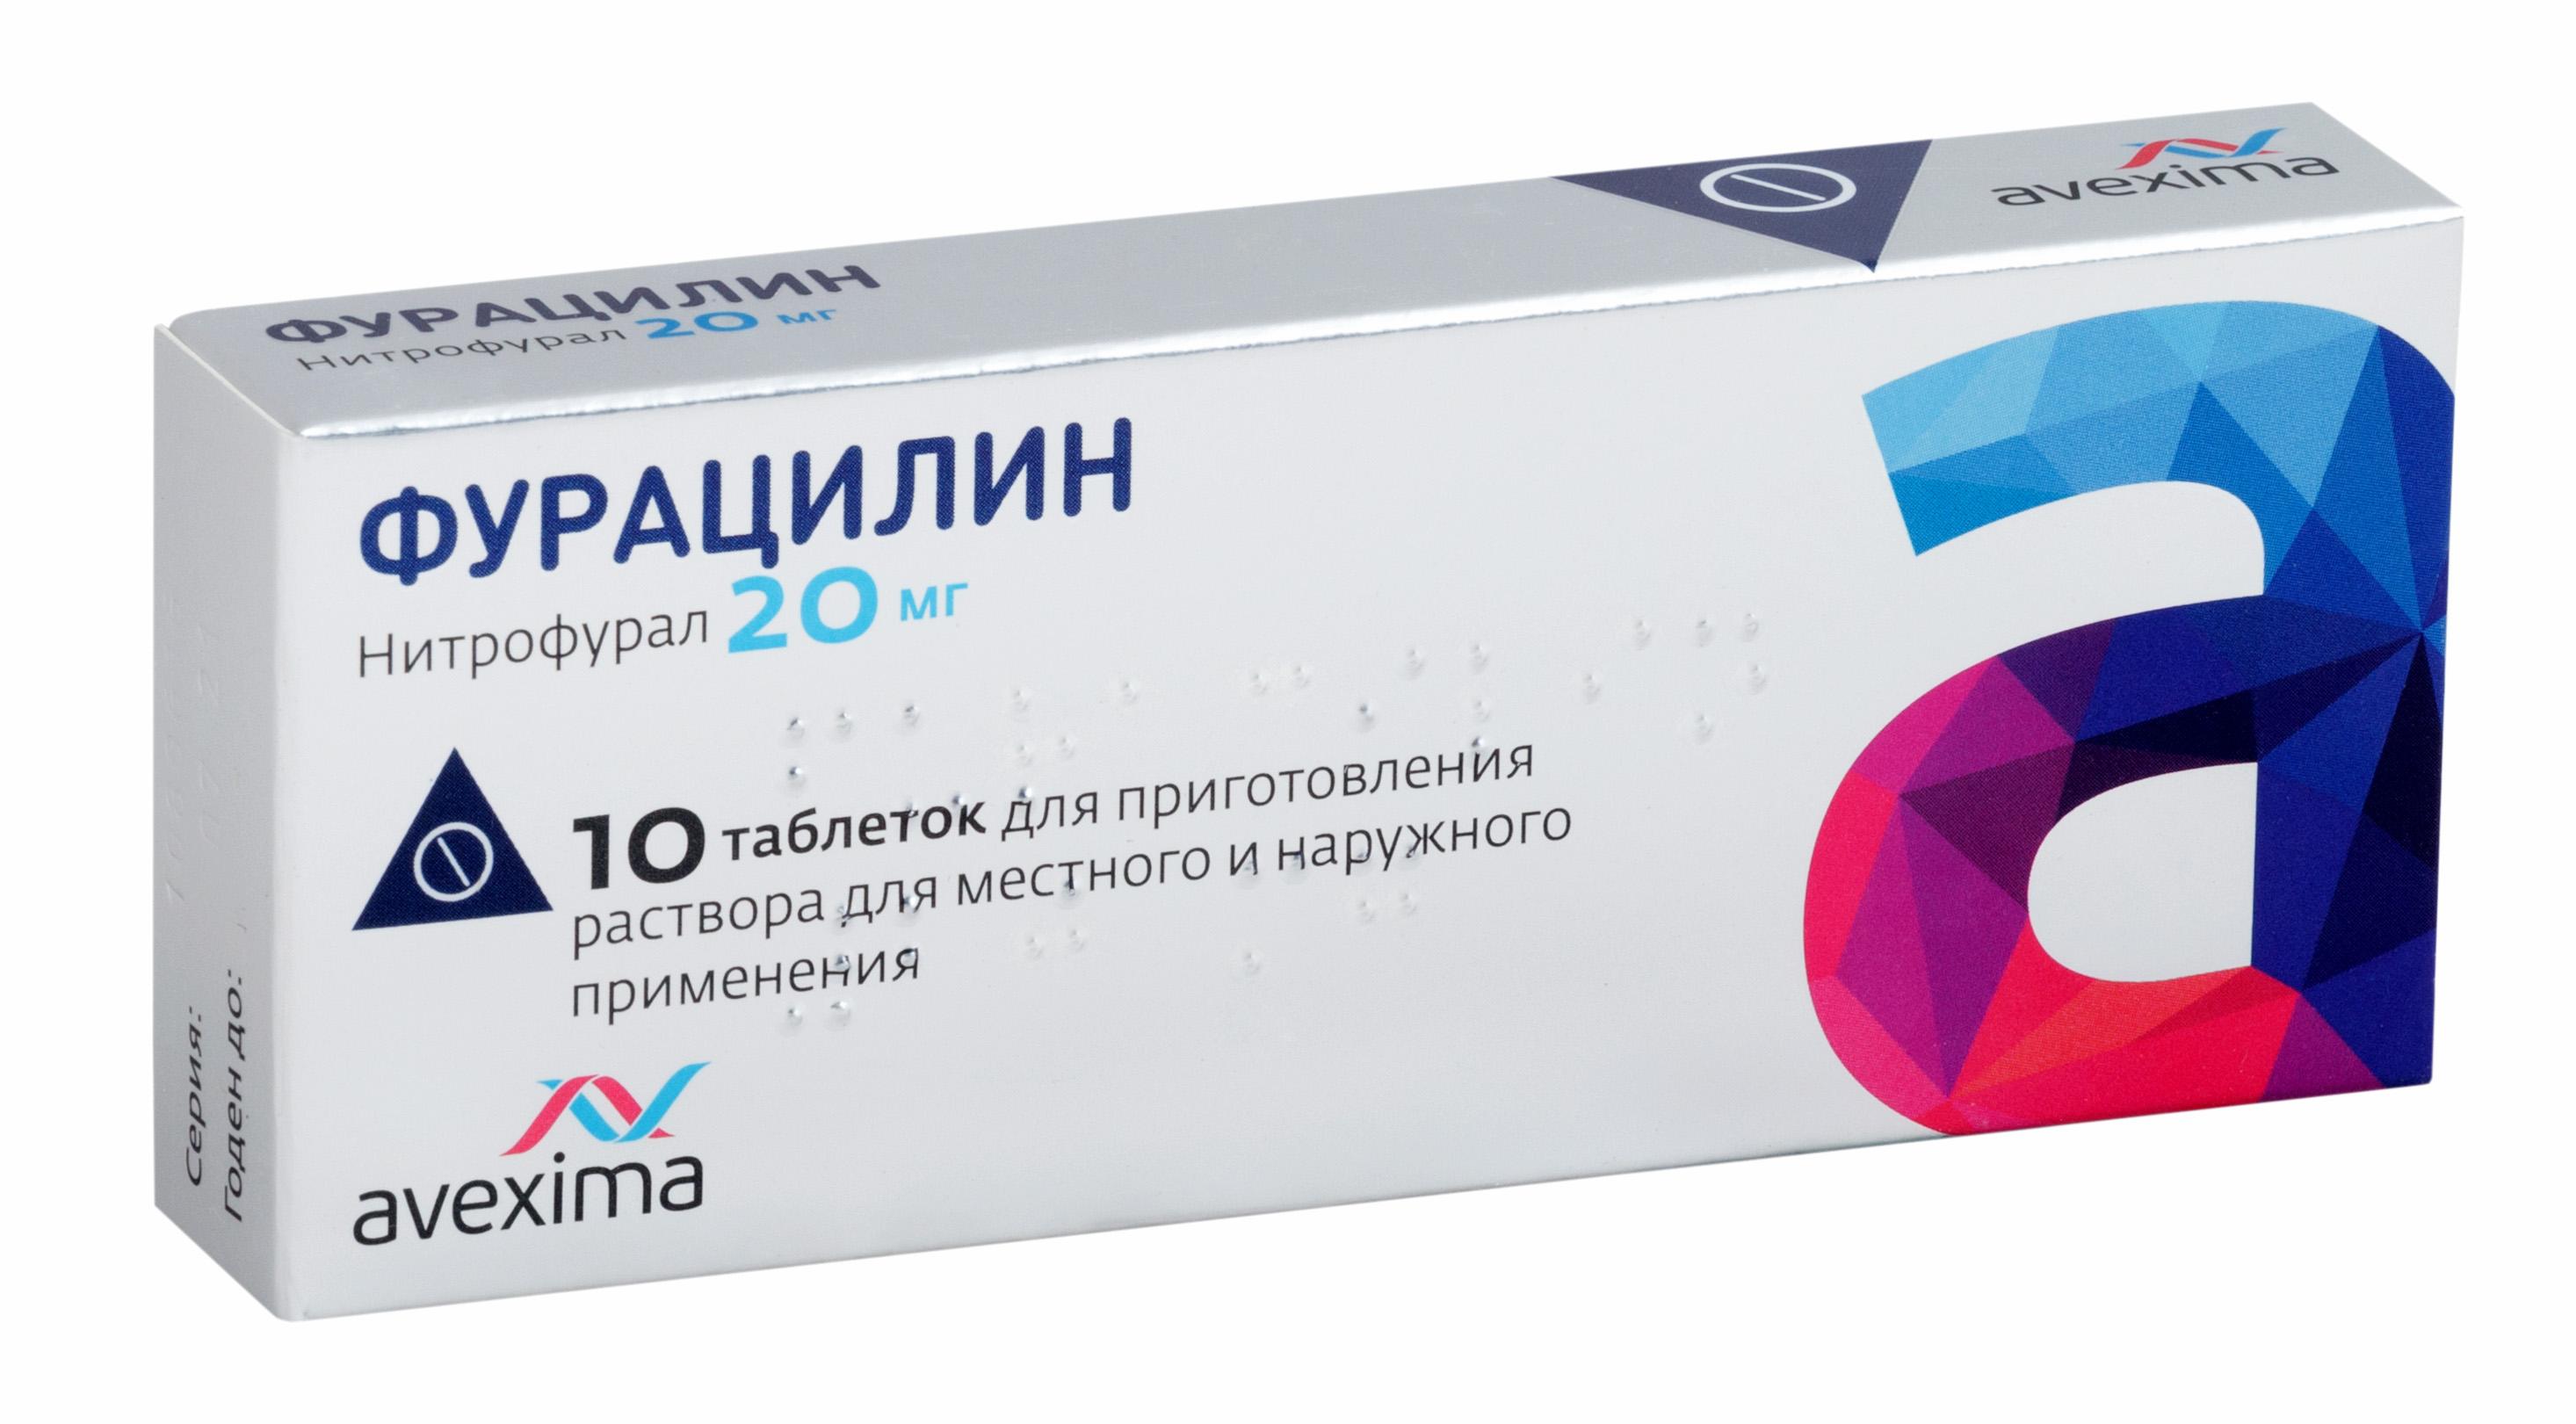 Фурацилин таб. 20мг n10